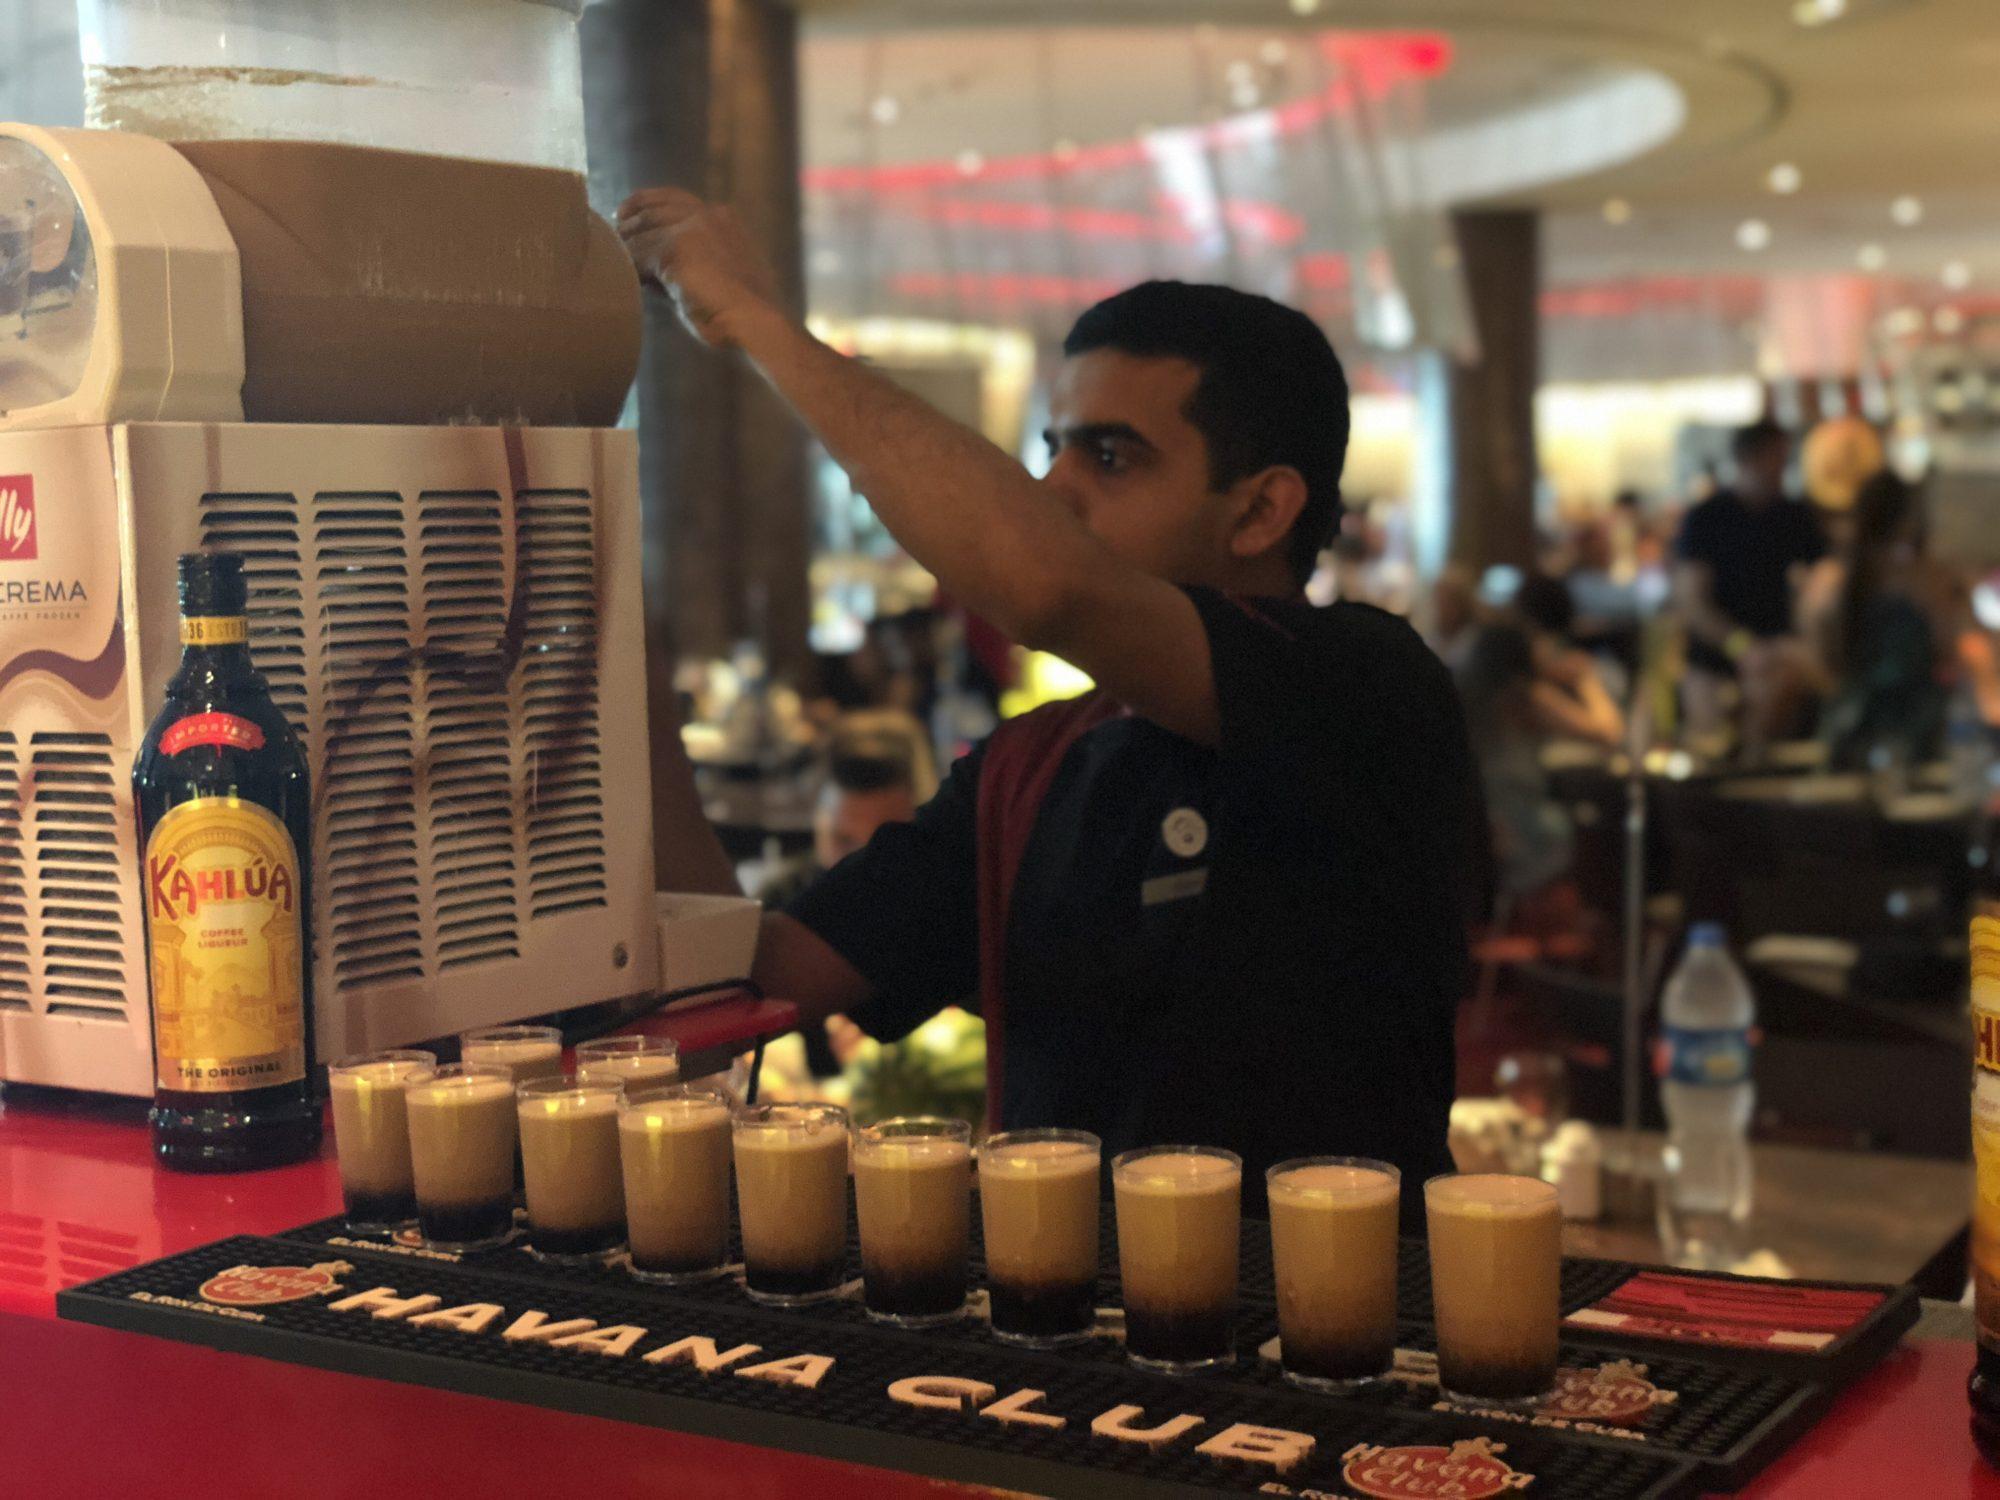 Bäästa Fredagsbrunchen i Dubai på Atlantis the Palm